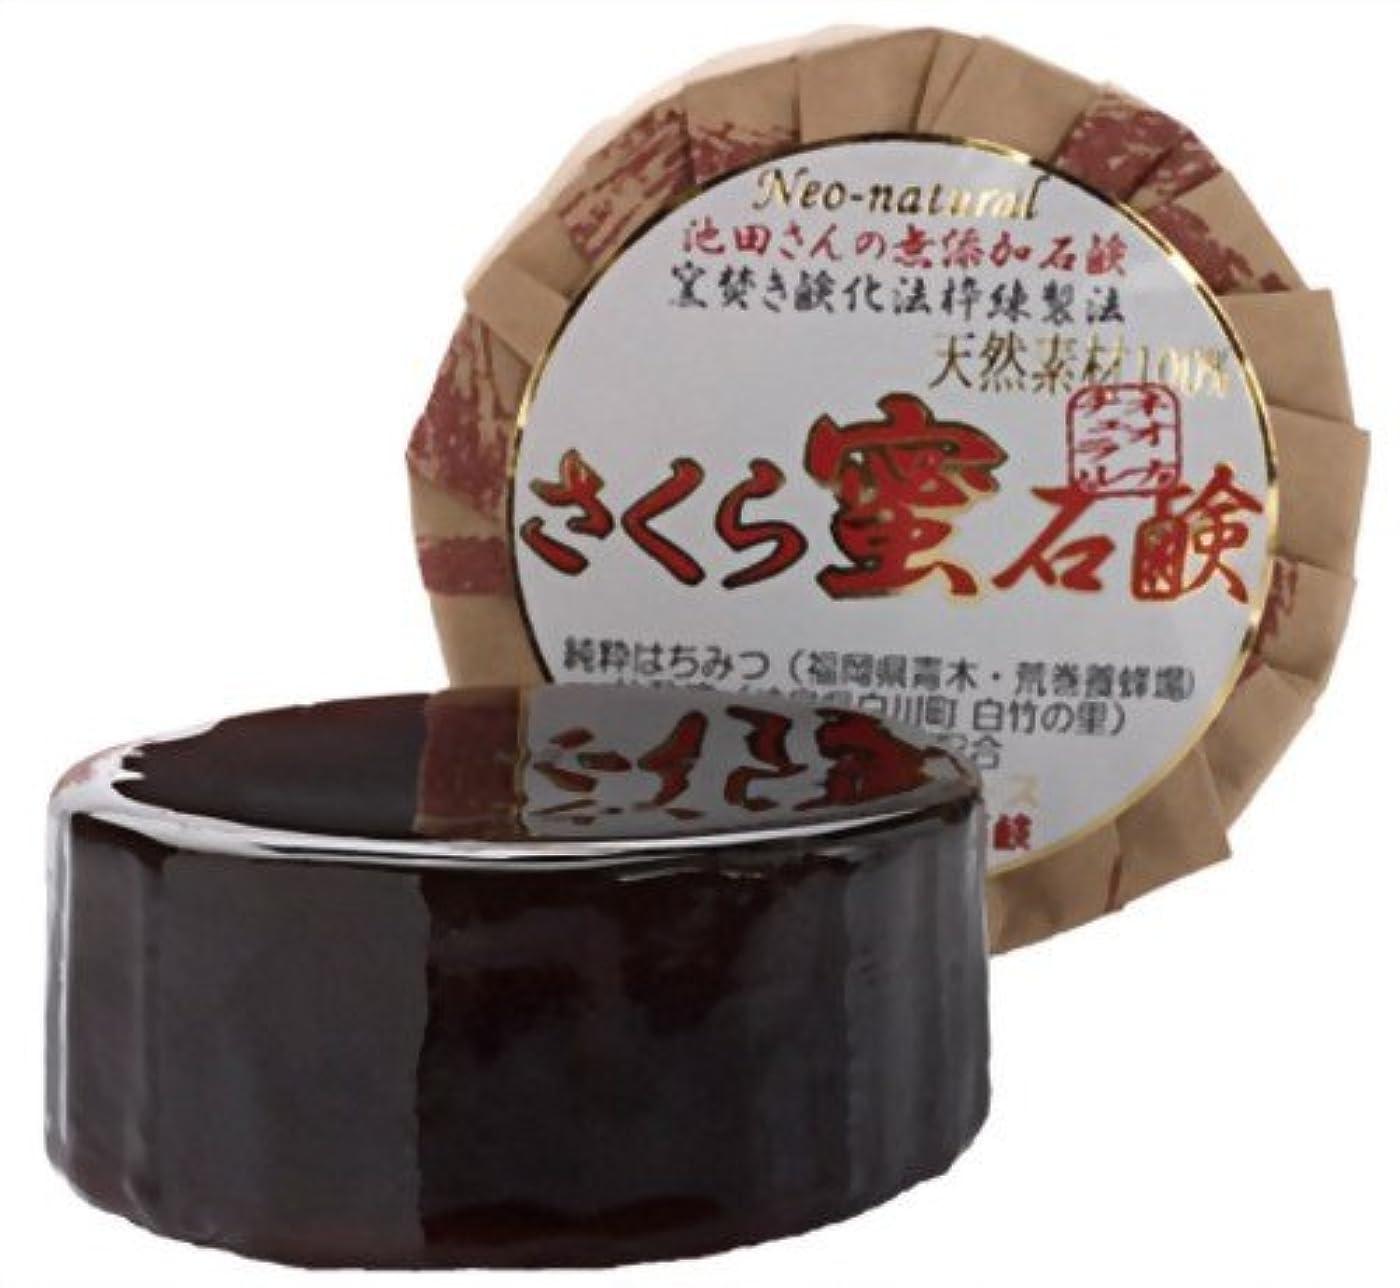 取り出す想像力豊かな著名なネオナチュラル 池田さんのさくら蜜石鹸 105g